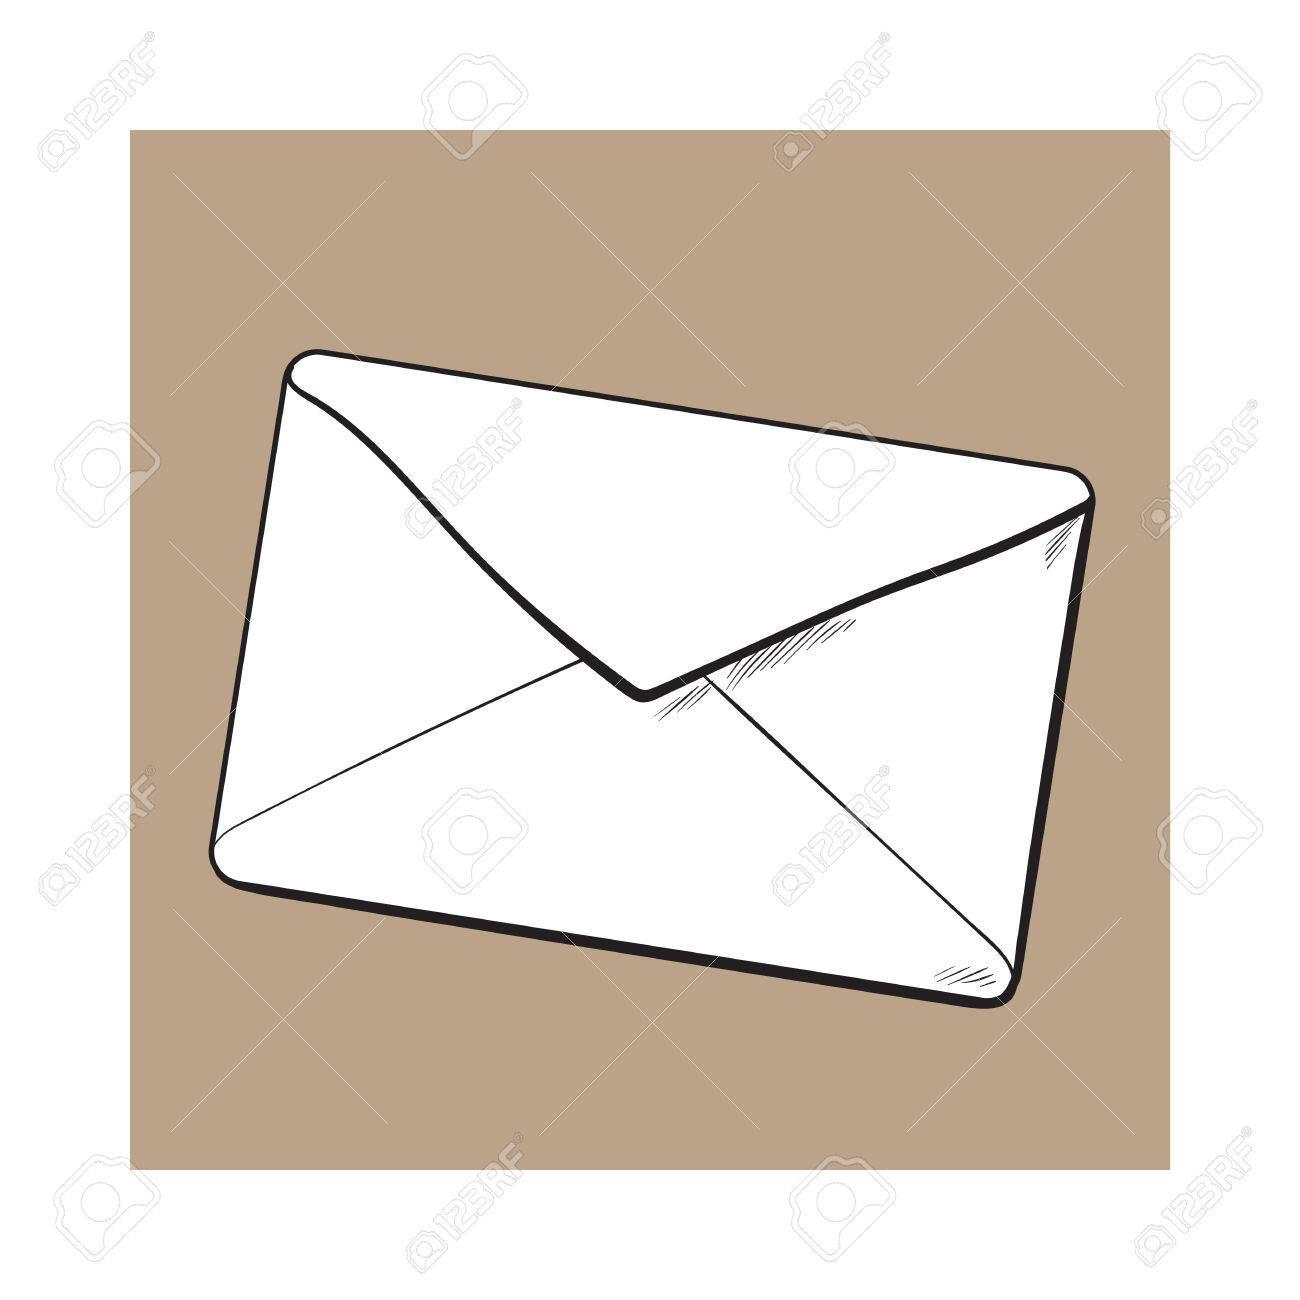 Dessin D Enveloppe arrière de l'enveloppe, illustration de vecteur de croquis isolé sur